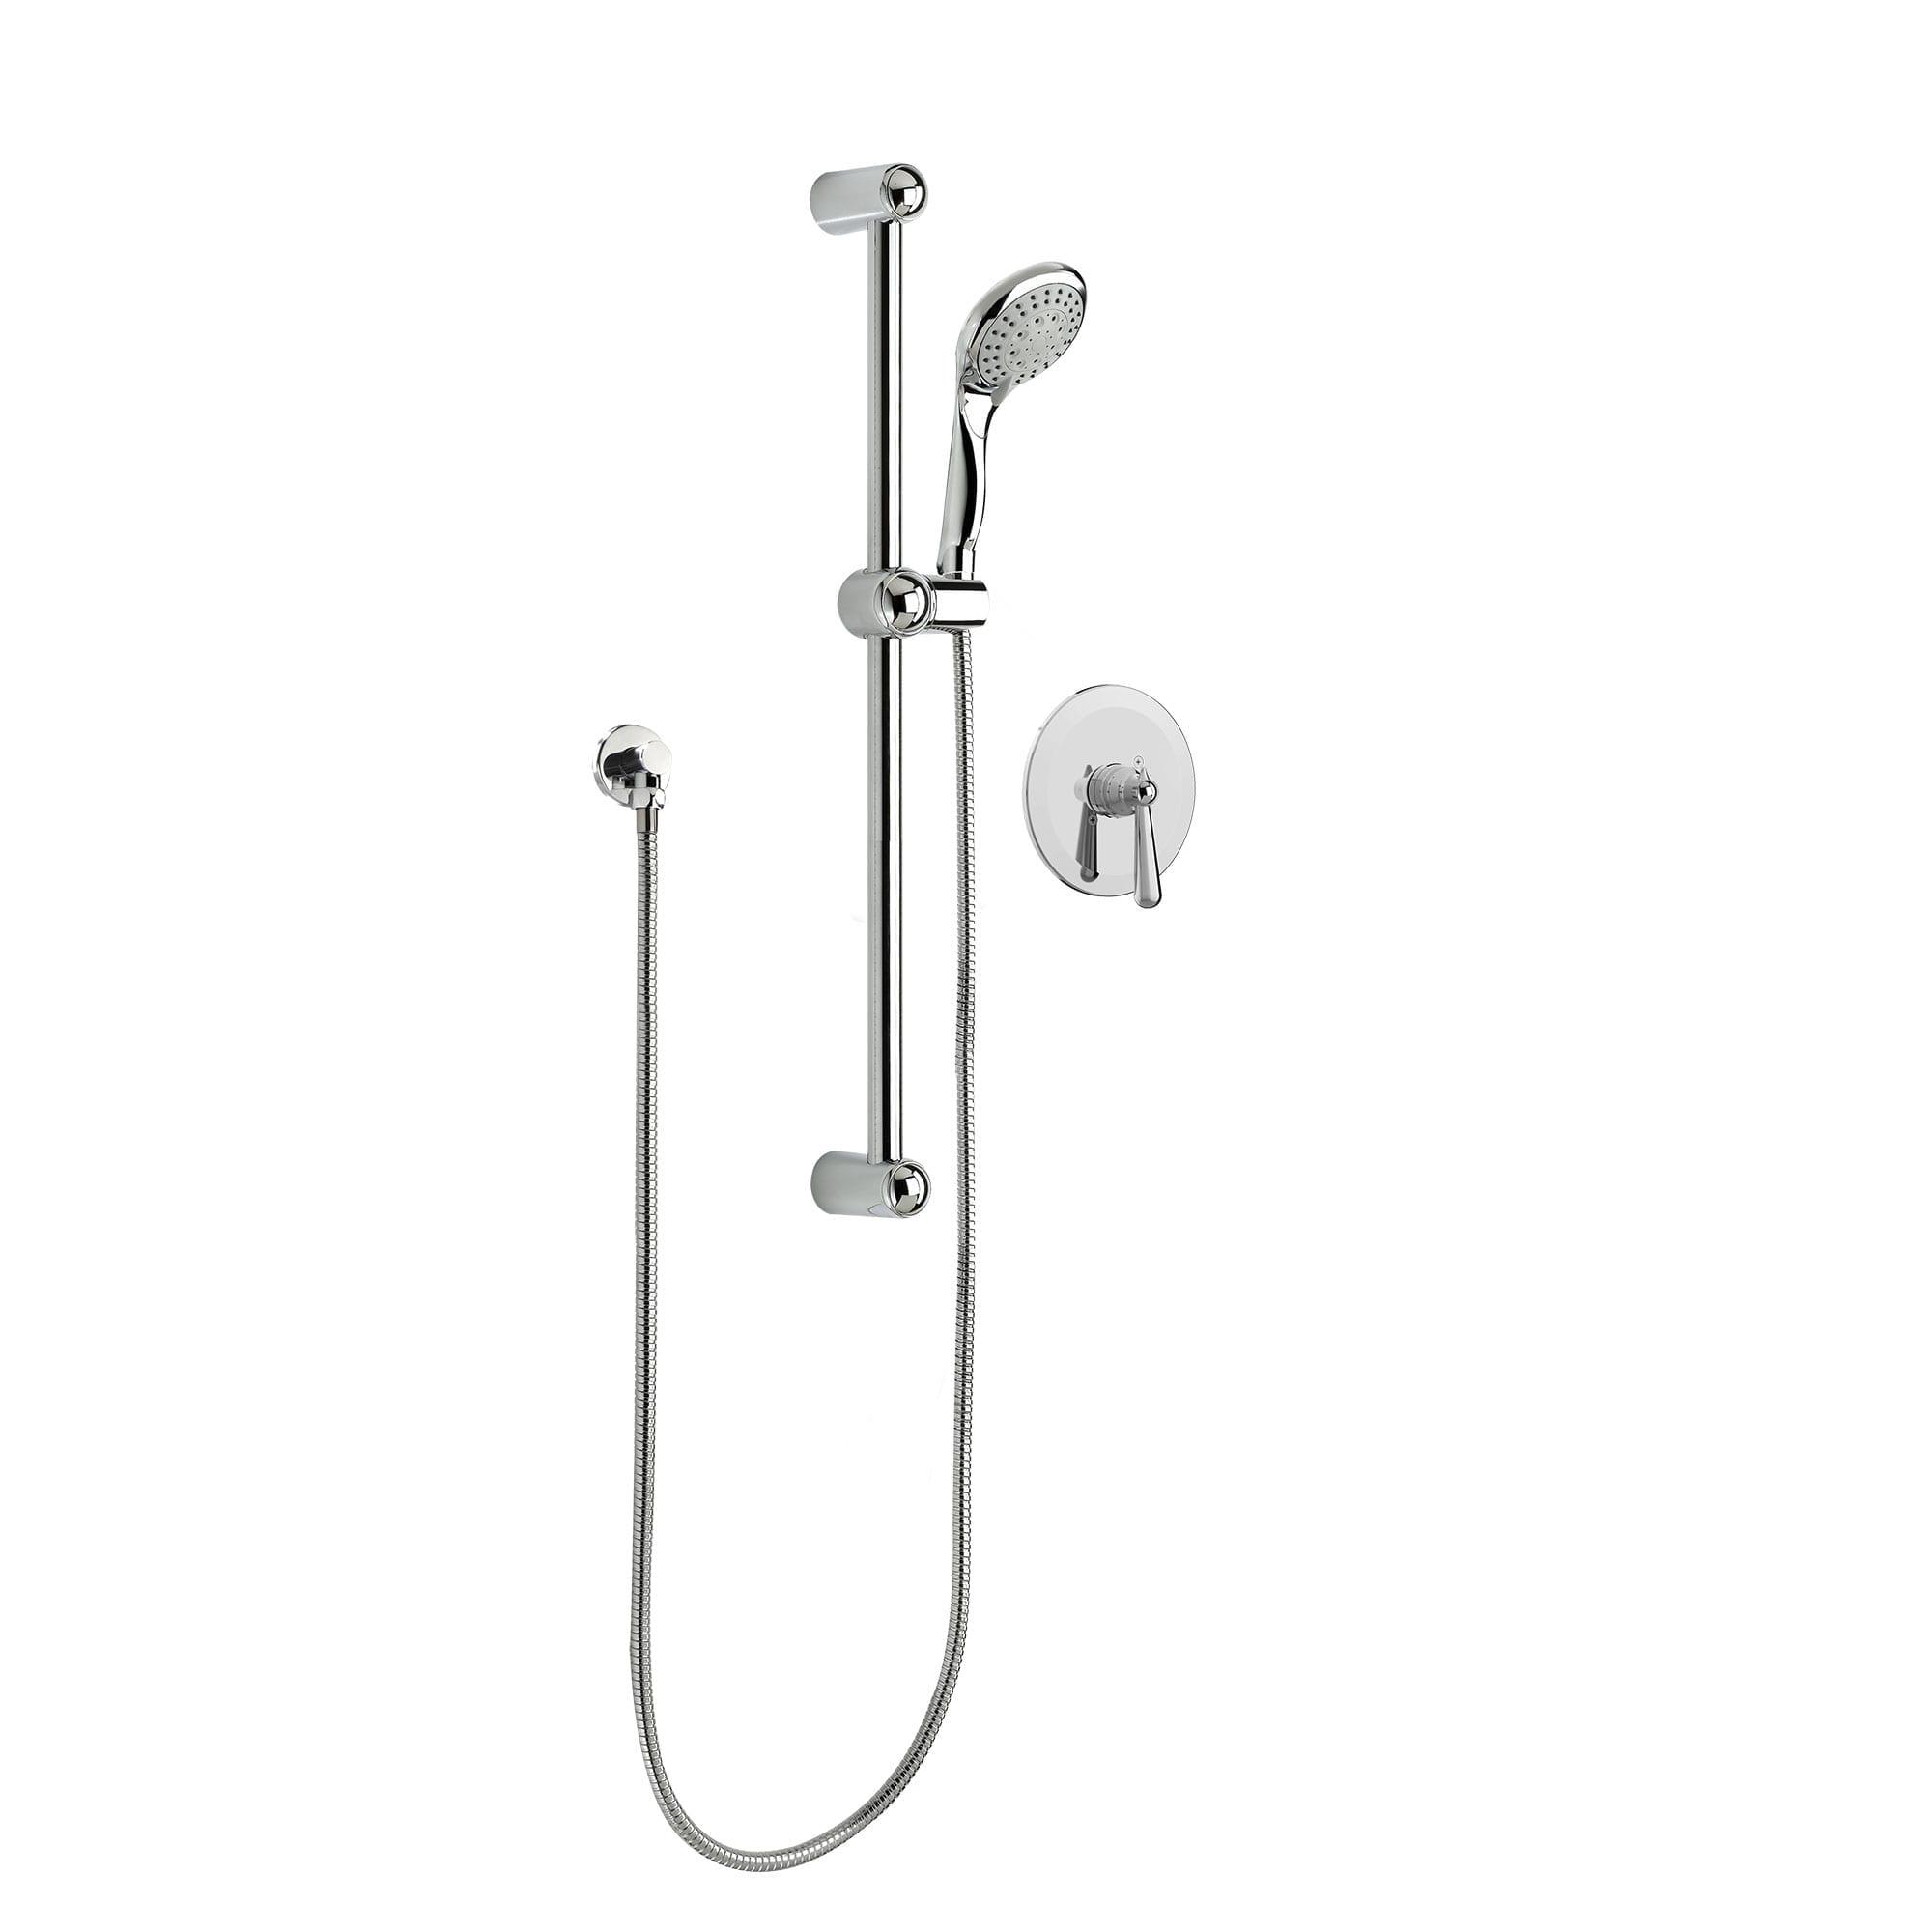 kit robinet pour douche garniture pour valve. Black Bedroom Furniture Sets. Home Design Ideas